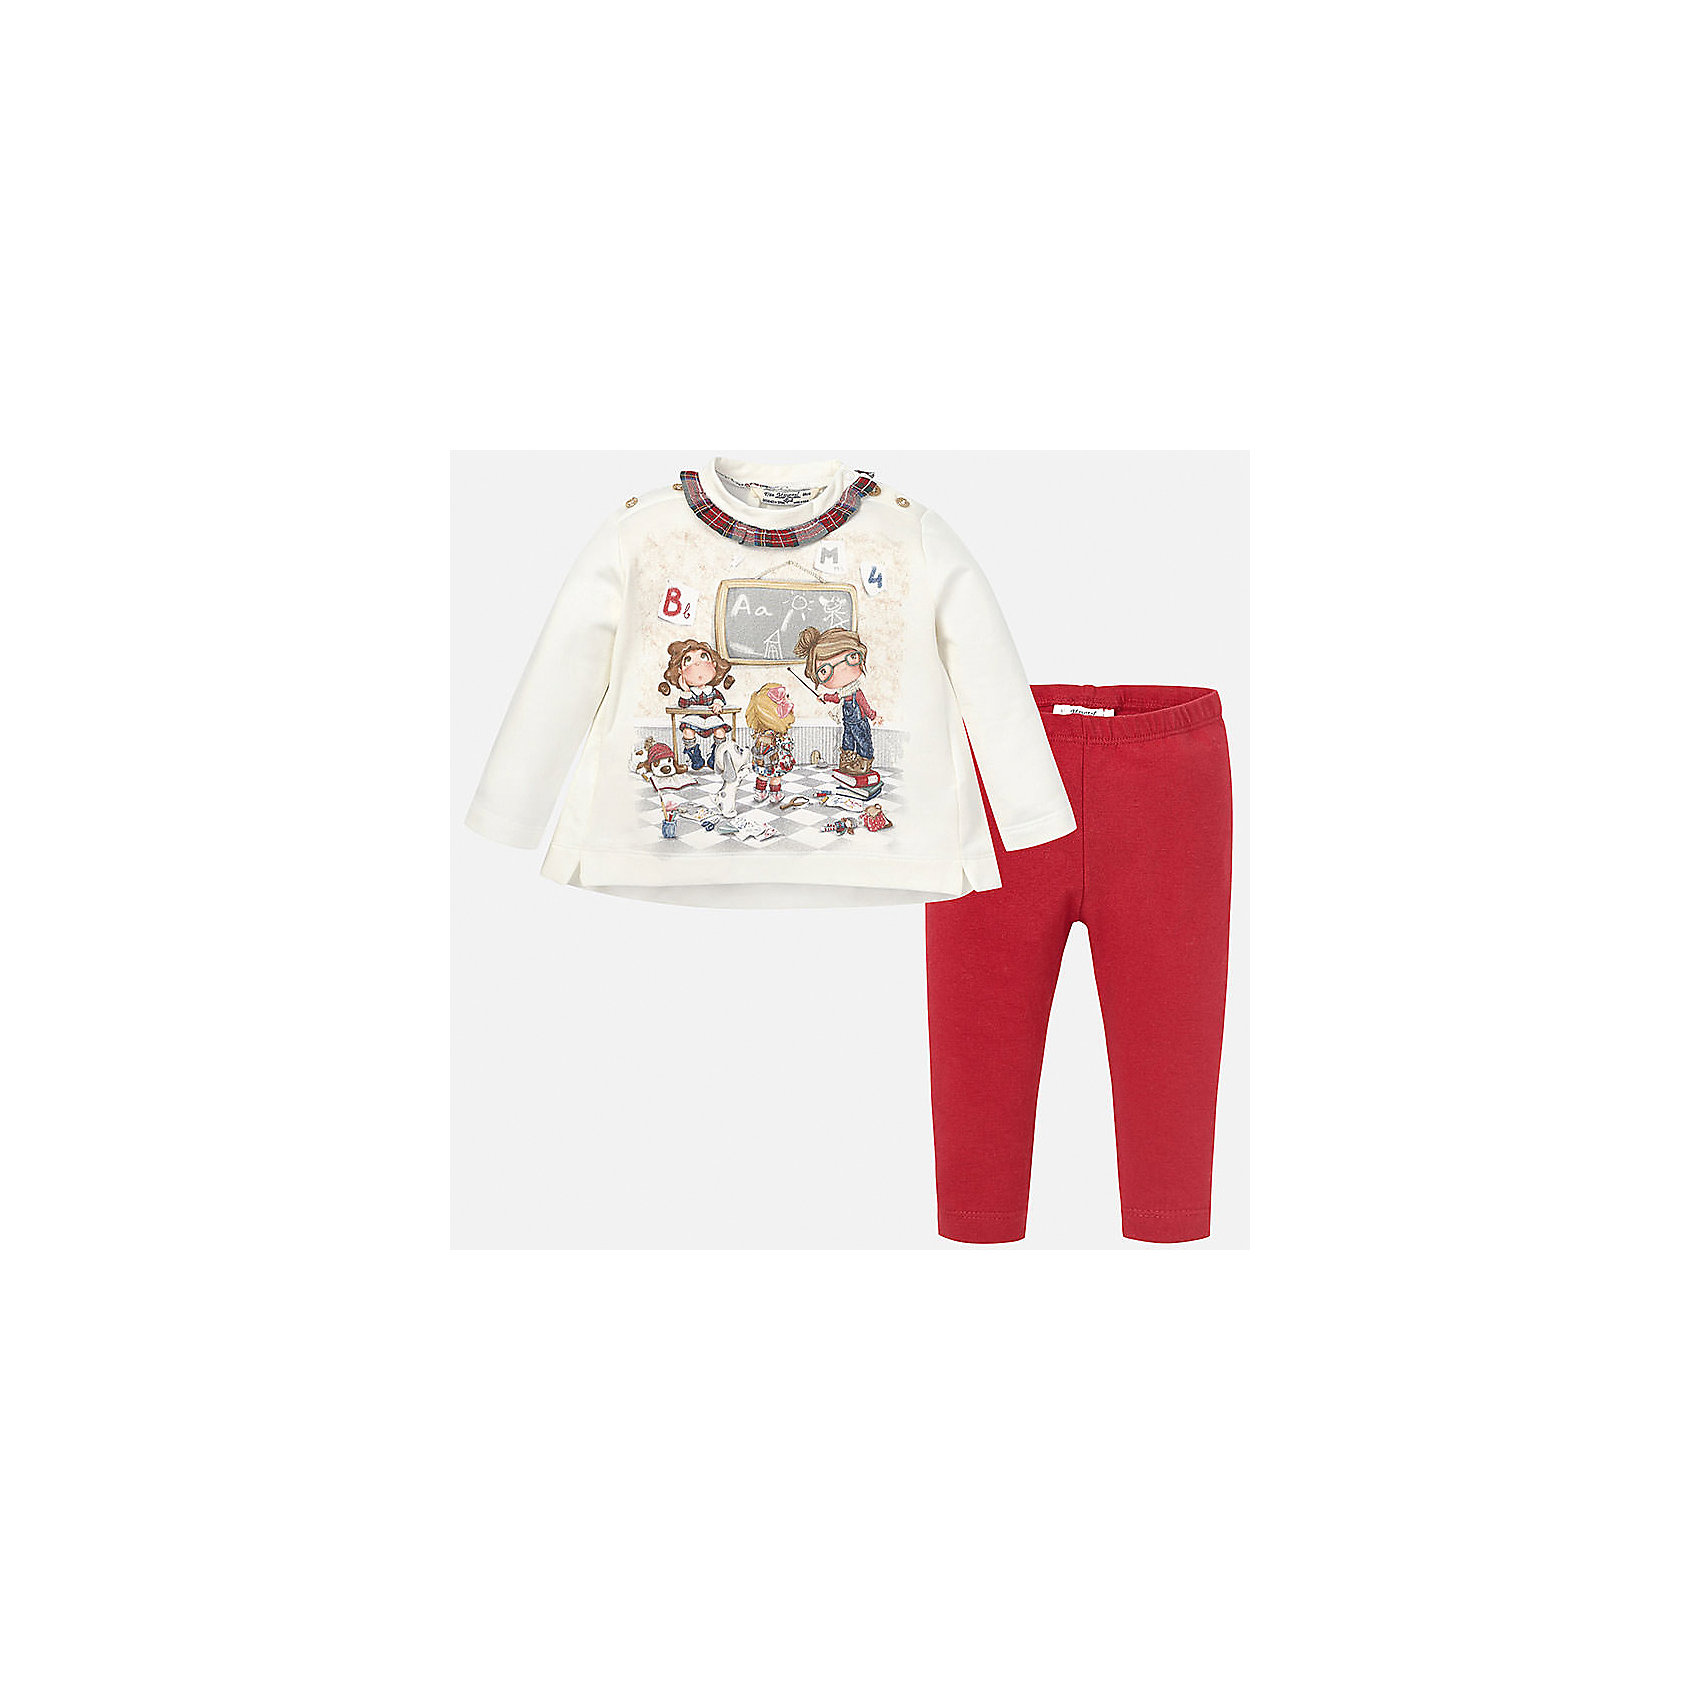 Комплект:футболка и леггинсы для девочки MayoralКомплекты<br>Нарядный комплект для Вашей любимой модницы торговой марки  Майорал-Mayoral будет приятным пополнением ее гардероба. Изделие грамотно скроено, обеспечивая отличную посадку по фигуре. Аккуратно швы не доставят дискомфорта. В комплект входит хлопковые лонгслив и леггинсы. Нежный лонгслив декорирован рюшами, бантиком на спинке и очаровательным принтом с изображением учеников. Для удобства переодевания лонгслив дополнен кнопками, а однотонные леггинсы  красного цвета эластичной резинкой на поясе.<br><br>Дополнительная информация:<br><br>- вид застежки: без застежки <br>- цвет: красный,  белый<br>- тип карманов: втачные <br>- параметры брючин: ширина брючин – низ: 9 см; по внутреннему шву ; 21 см<br>- фактура материала: текстильный<br>- покрой: прямой<br>- состав: 95% хлопка; 5% эластан<br>- длина  изделия: верх 38 см. низ 31 см<br>- уход за вещами: бережная стирка при 30 градусах<br>- рисунок: с  рисунком<br>- материал: трикотаж<br>- назначение: повседневная<br>- сезон: круглогодичный<br>- пол: девочки<br>- страна бренда: Испания<br>- страна производитель:  Индия<br>- комплектация: лонгслив, леггинсы <br><br>Комплект торговой марки  Майорал-Mayoral можно купить в нашем интернет магазине.<br><br>Ширина мм: 123<br>Глубина мм: 10<br>Высота мм: 149<br>Вес г: 209<br>Цвет: красный<br>Возраст от месяцев: 6<br>Возраст до месяцев: 9<br>Пол: Женский<br>Возраст: Детский<br>Размер: 74,86,80,92<br>SKU: 4846204